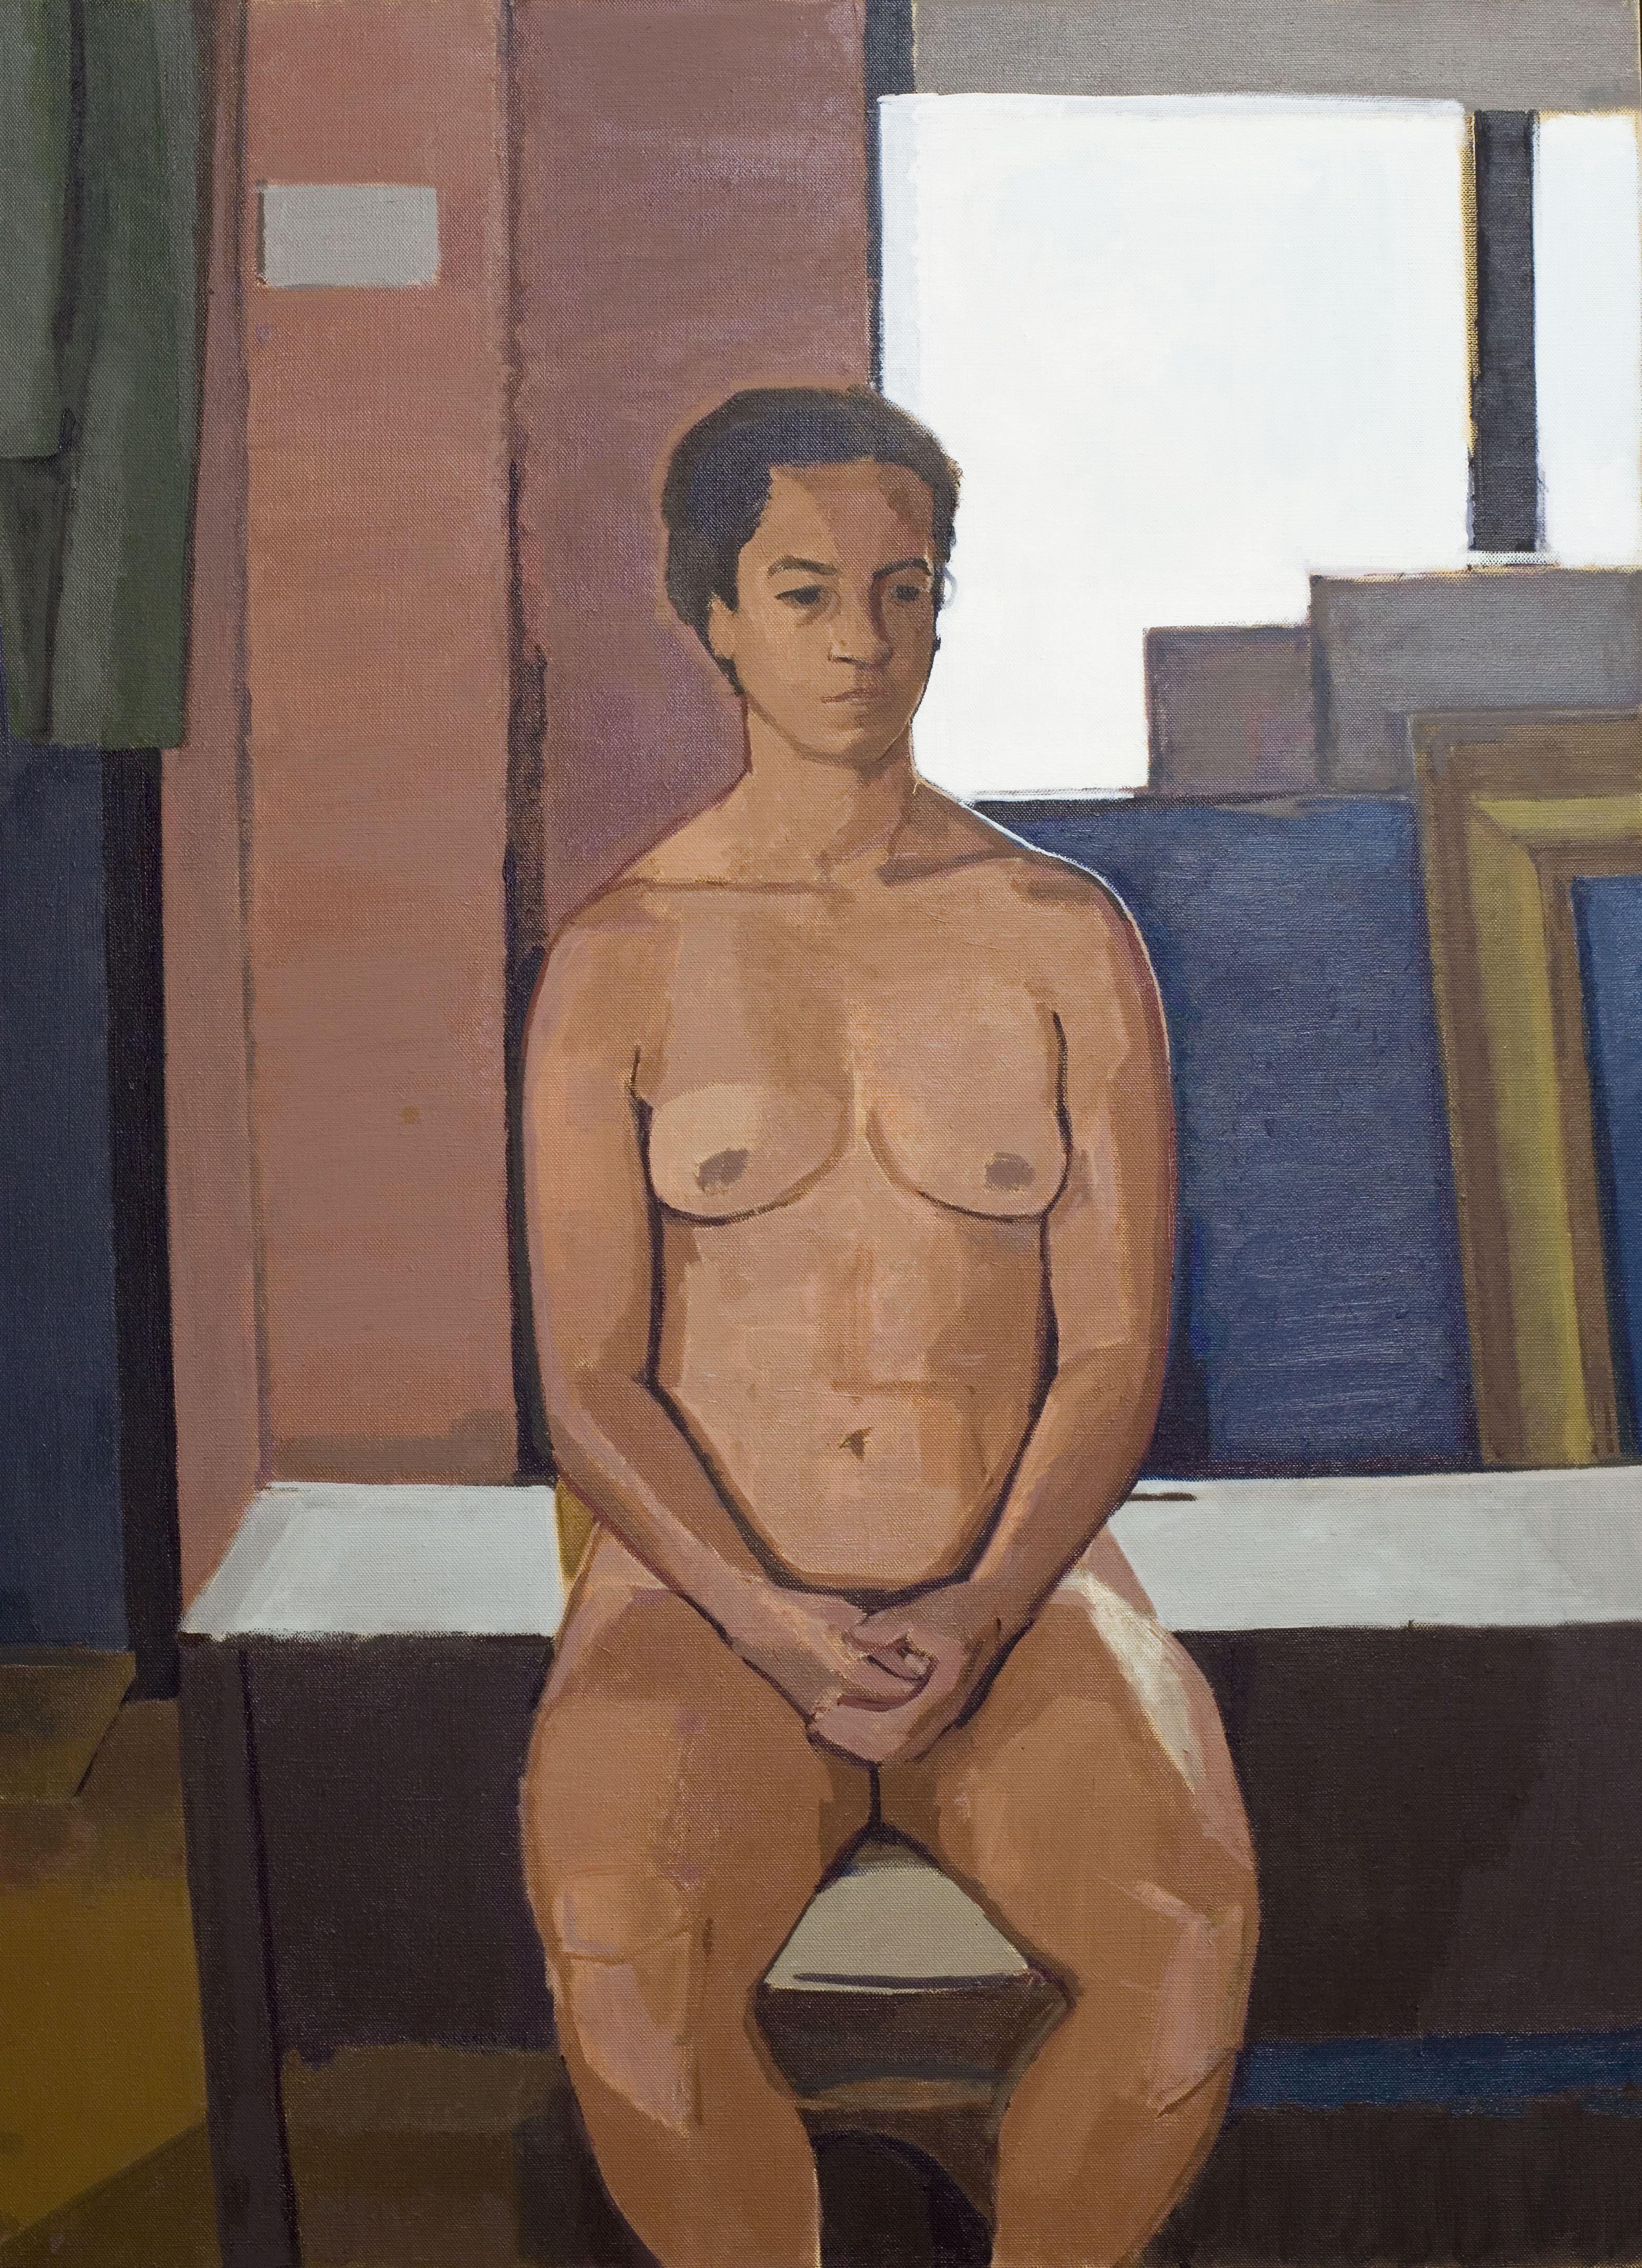 La Femme, 2013-14